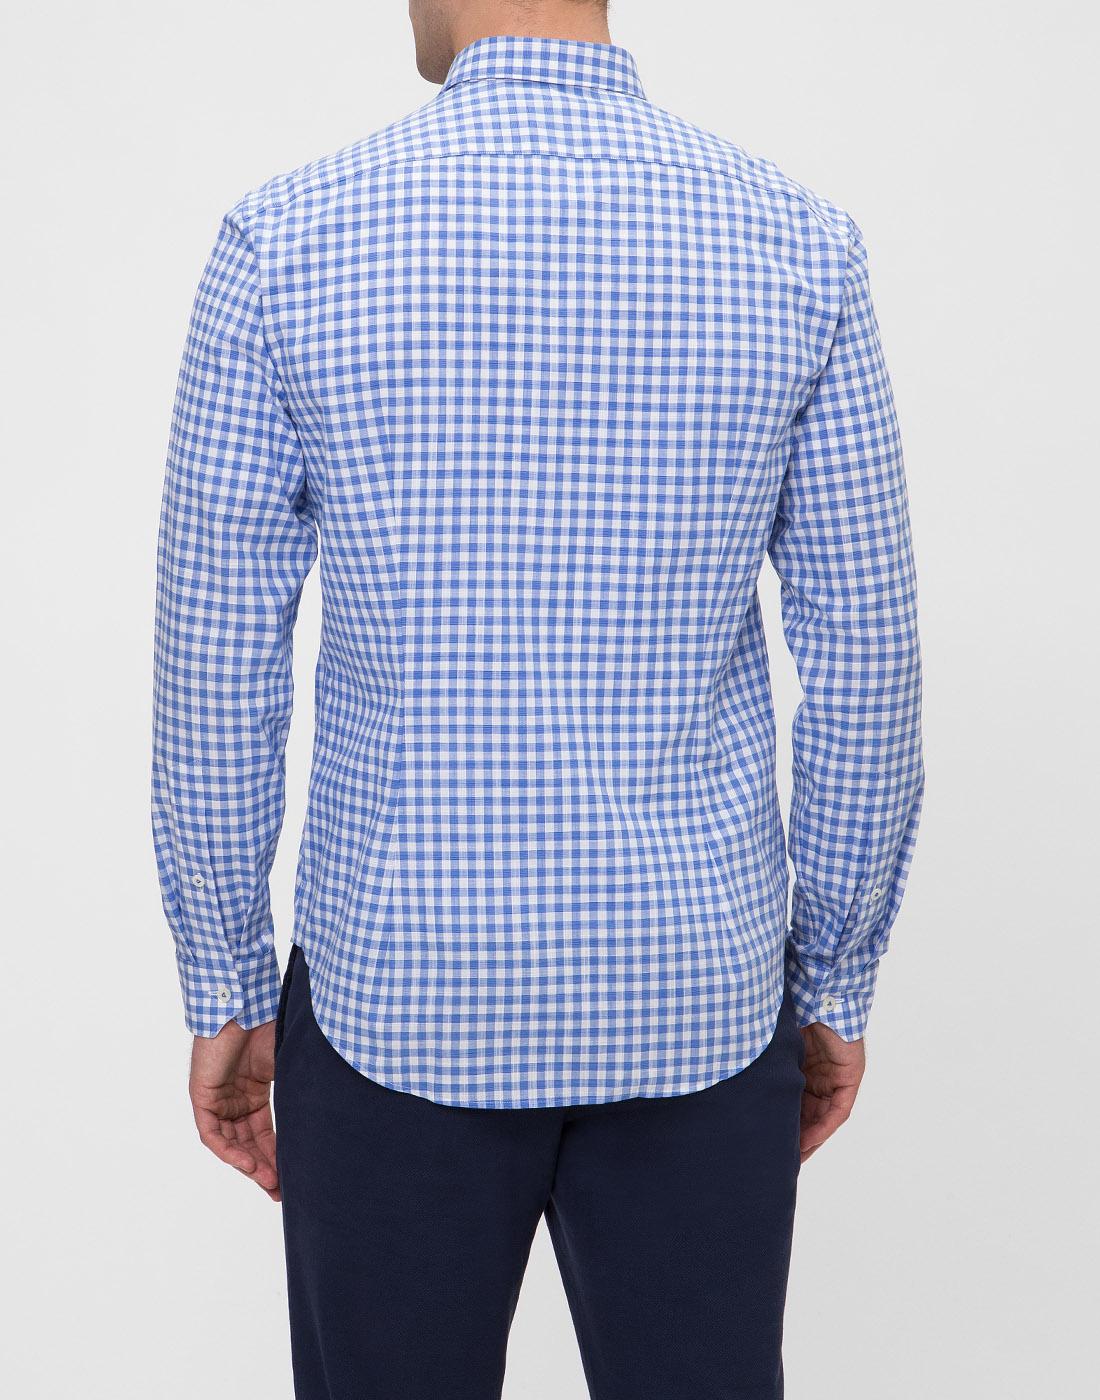 Мужская рубашка в клетку  Van Laack STETON2-TF05 161867/740-4